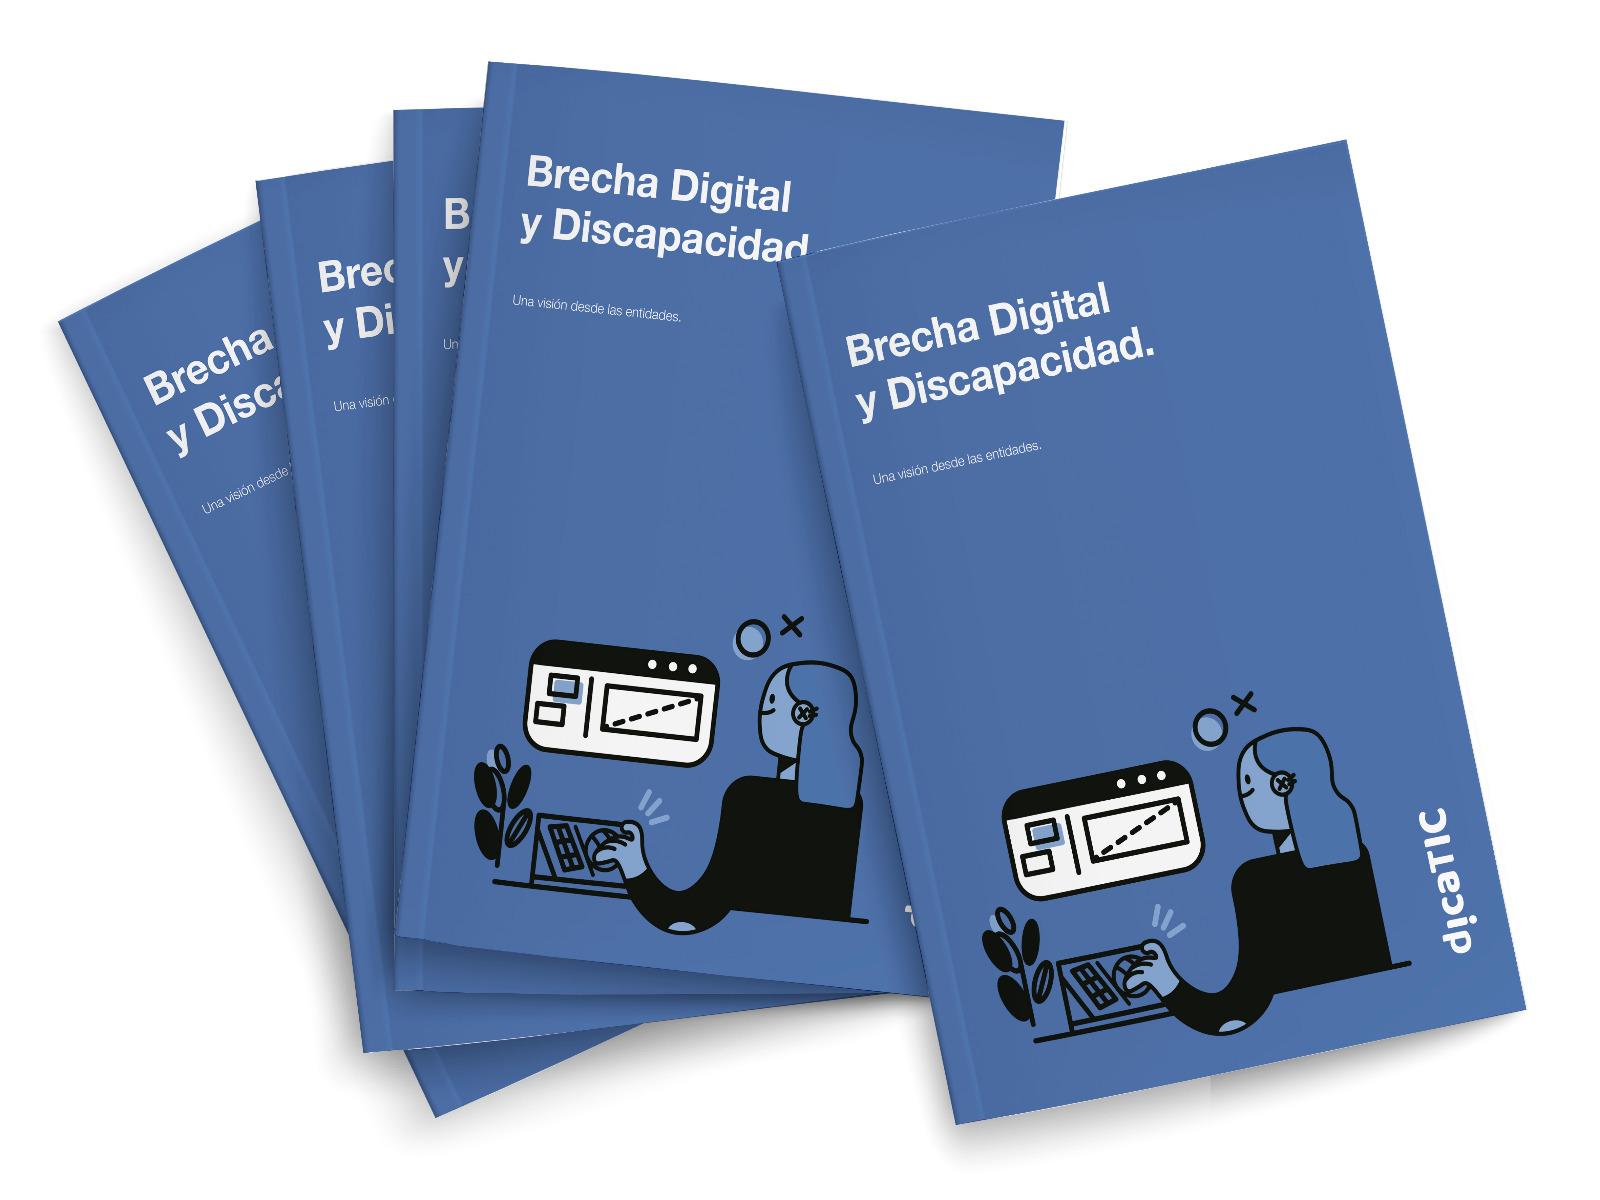 Portada del primer estudio de la Cátedra Dicatic sobre Brecha Digital y Discapacidad